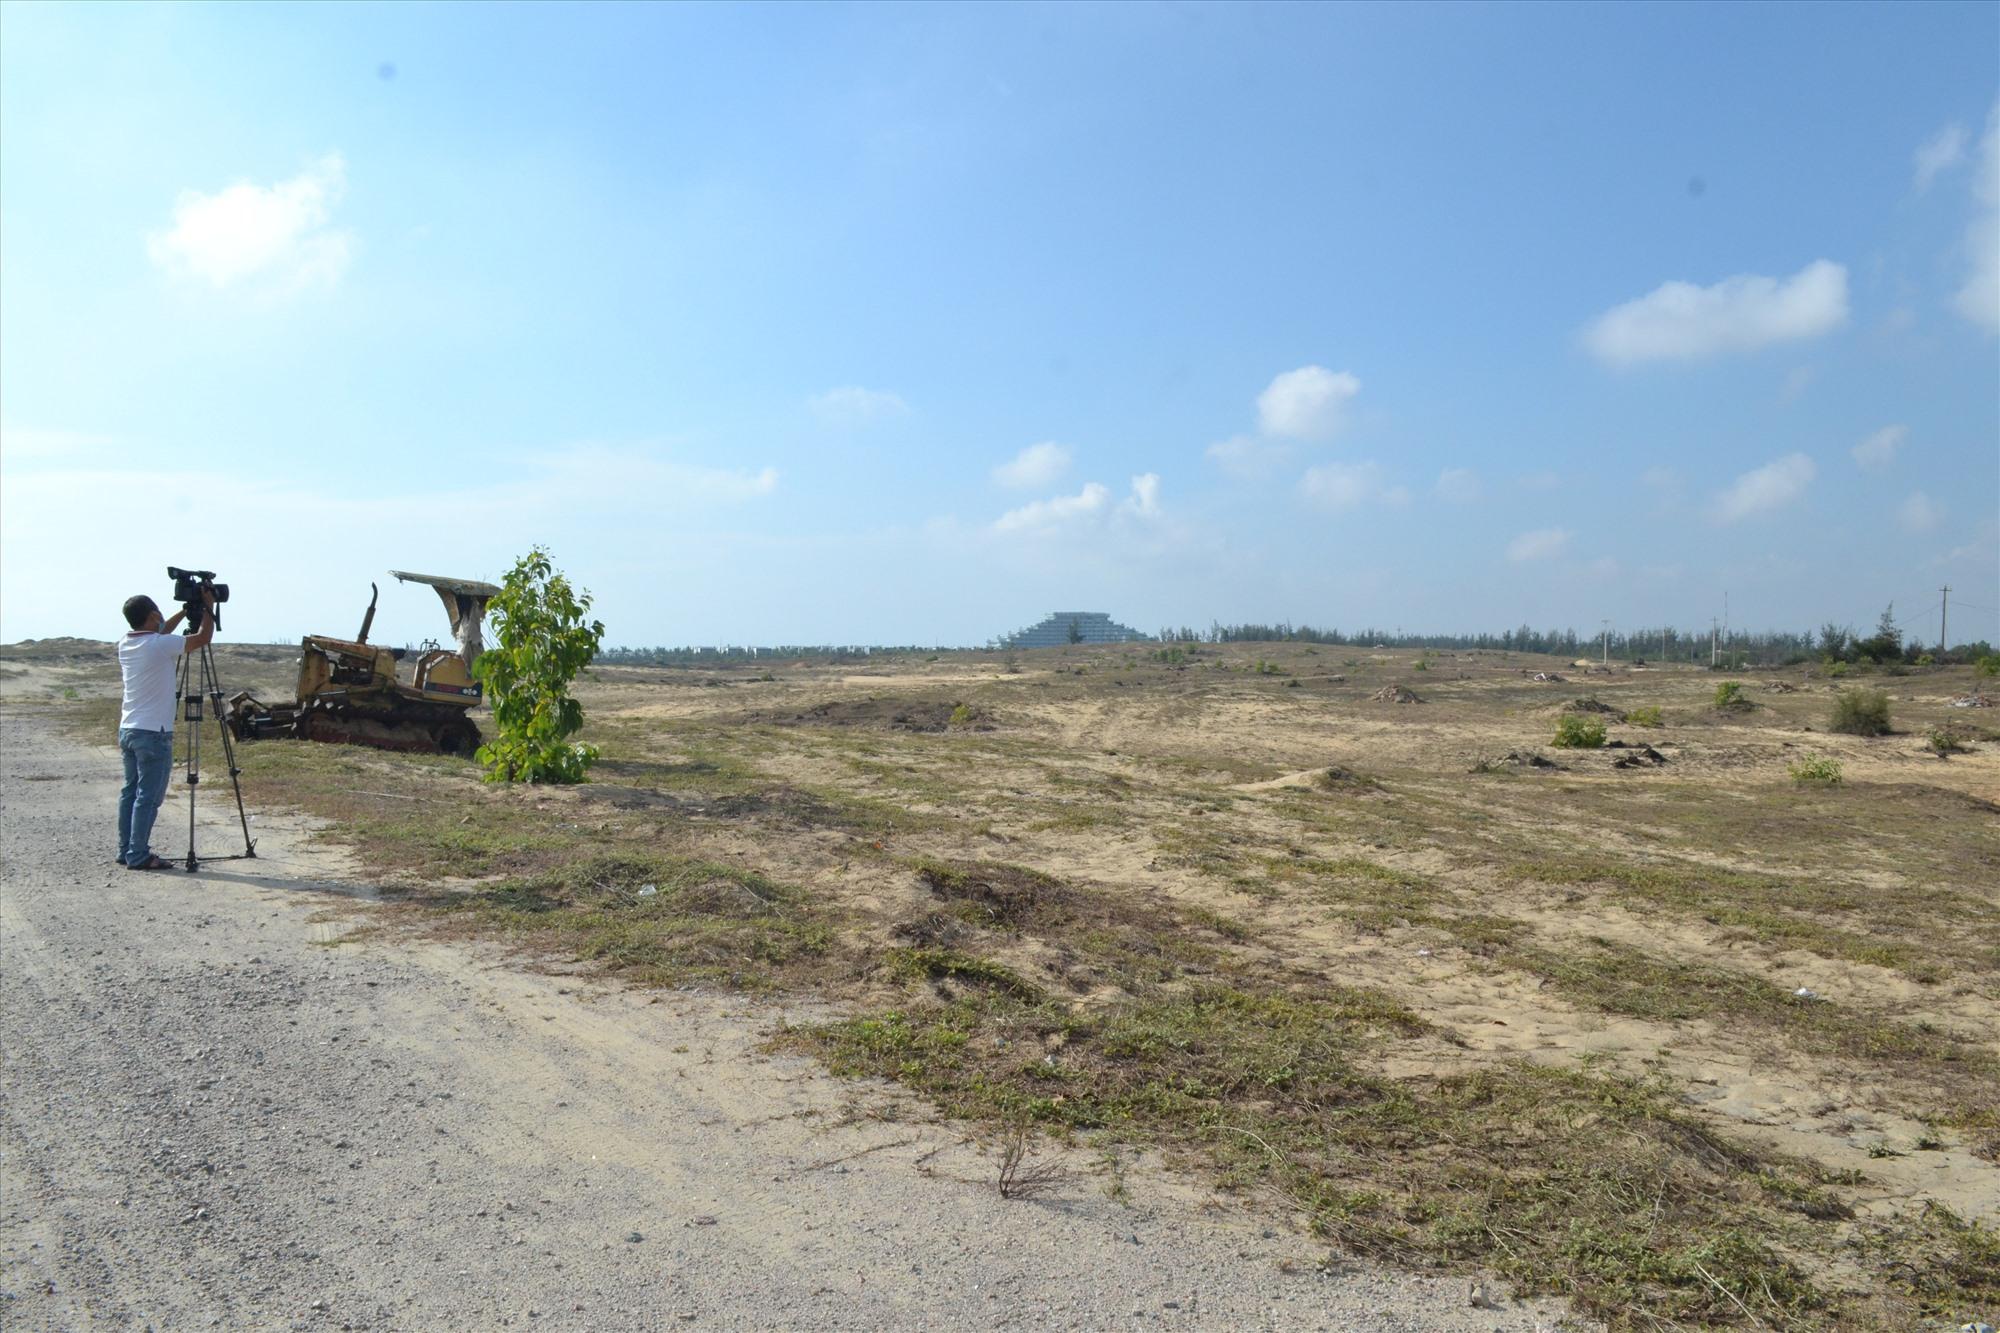 Công ty CP Đạt Phương chưa thể thi công các hạng mục của dự án Khu nghỉ dưỡng Bình Dương. Ảnh: VIỆT NGUYỄN